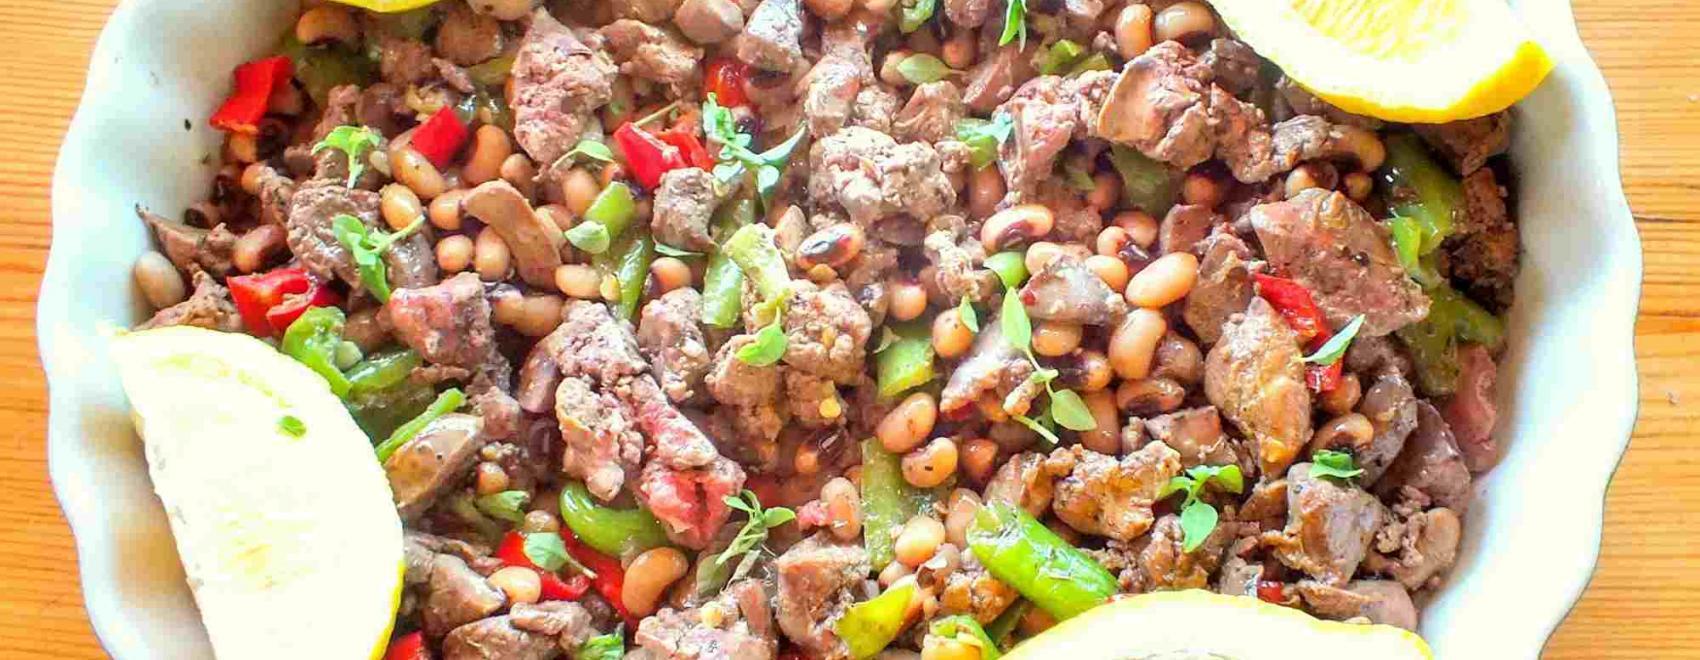 Turkish Fried Chicken Livers